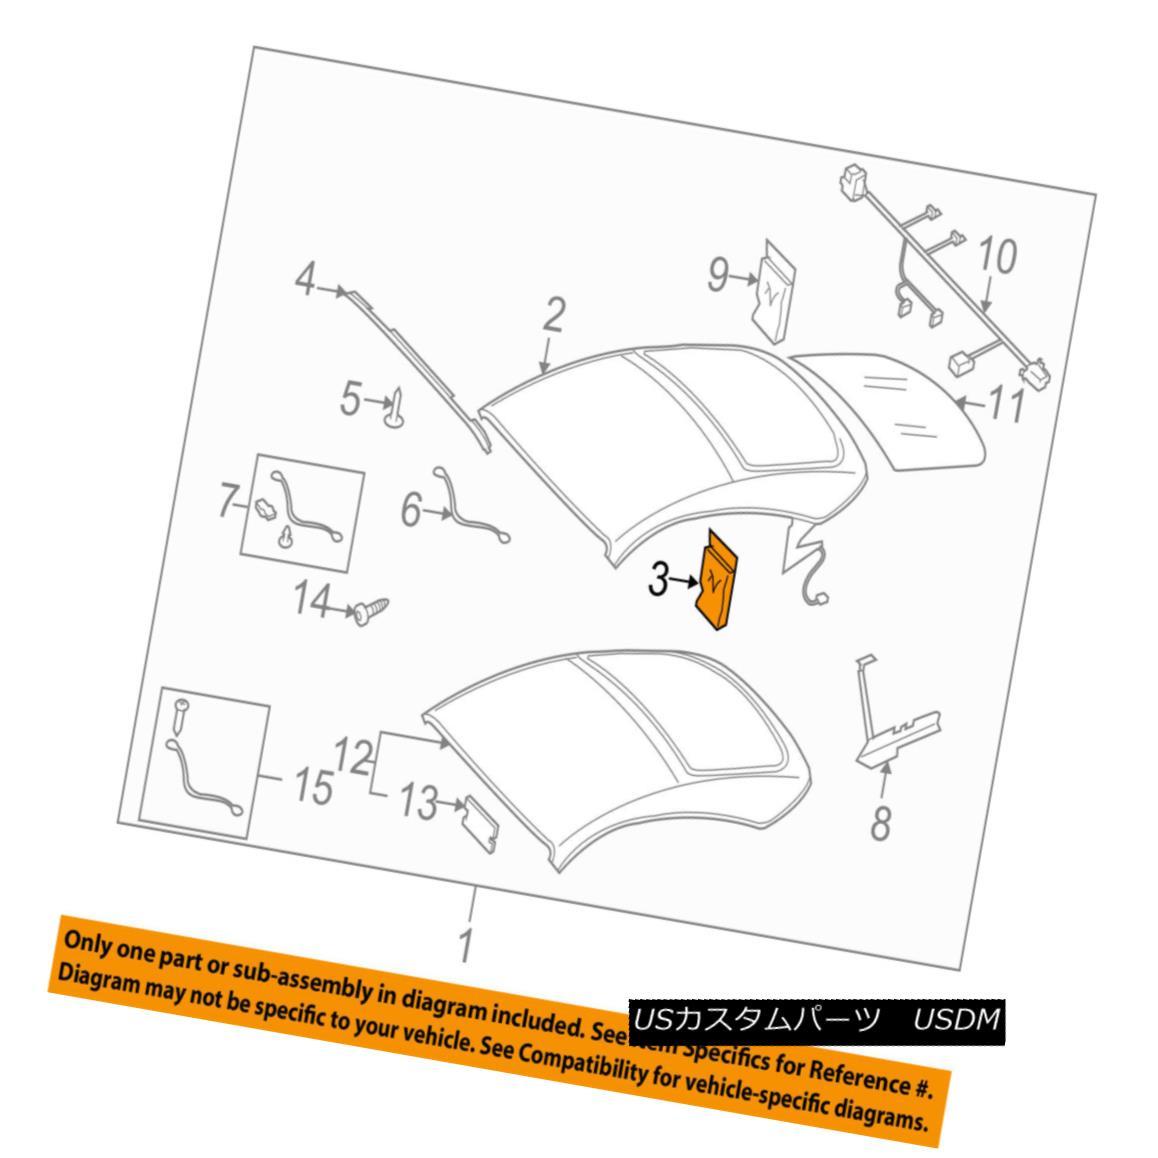 幌・ソフトトップ AUDI OEM 08-15 TT Quattro Convertible/soft Top-Hardware Kit 8J7898397 AUDI OEM 08-15 TT Quattro Convertible / so ftトップハードウェアキット8J7898397